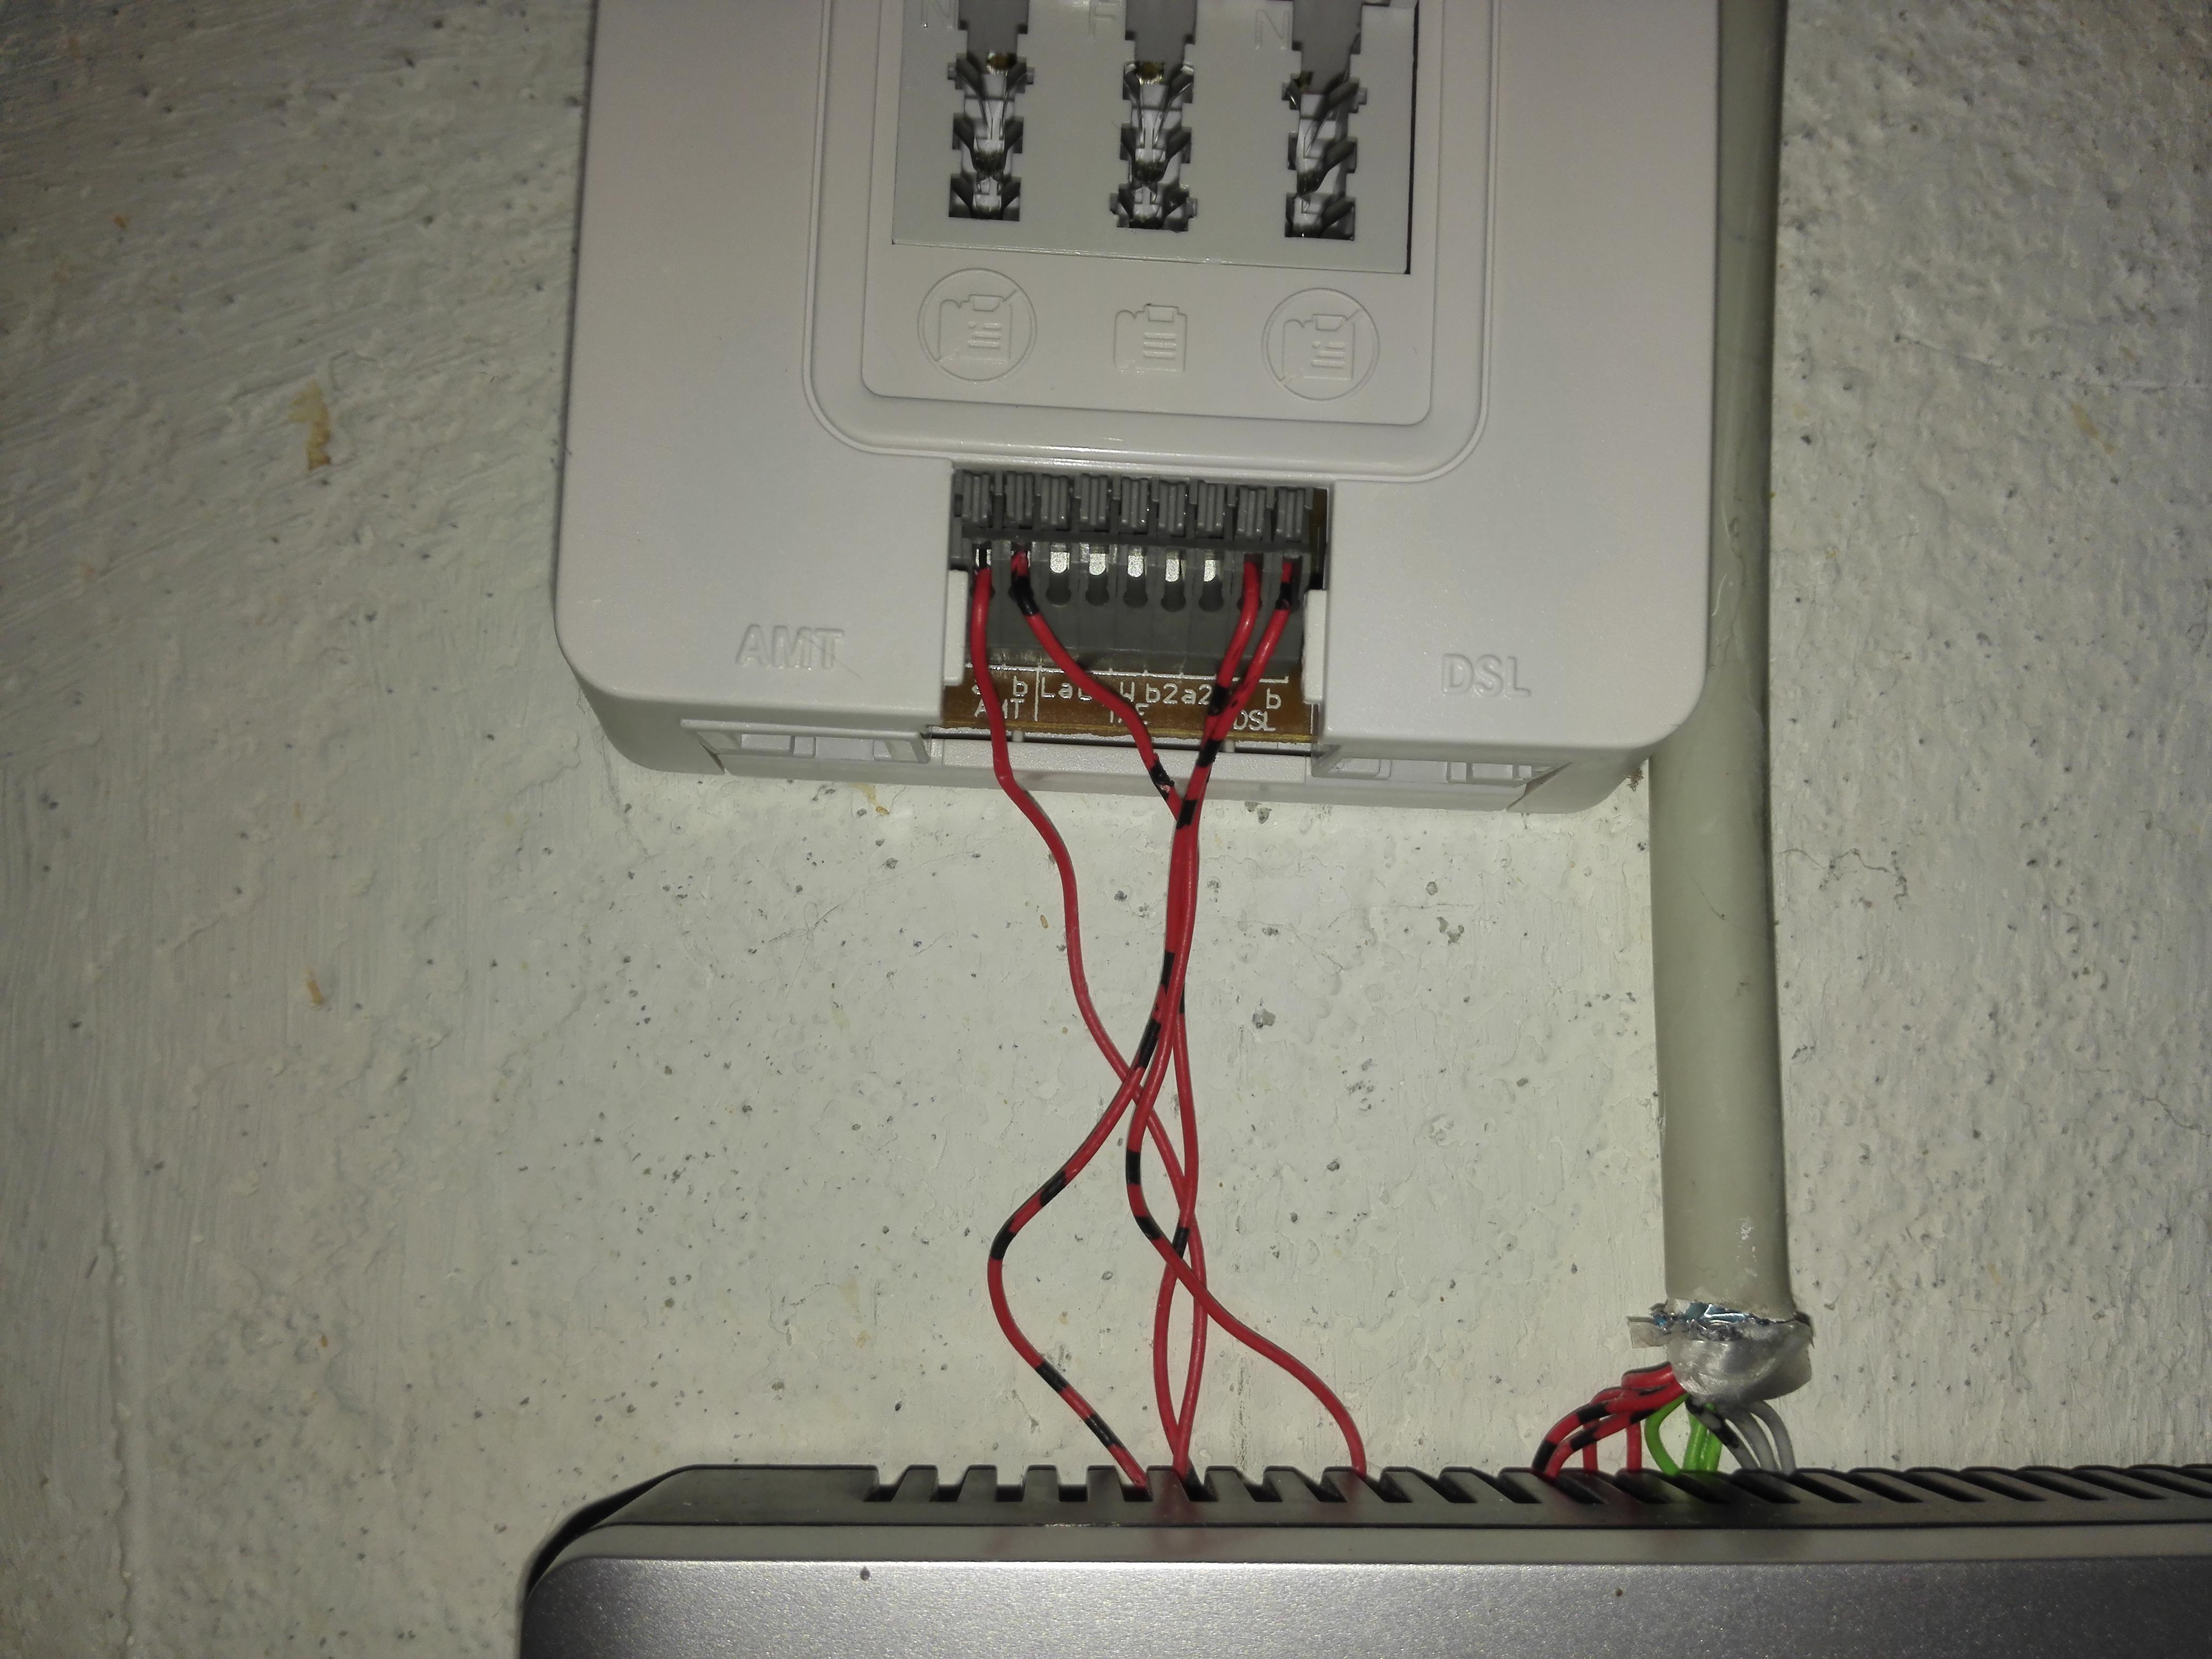 Umstieg ISDN -> VOIP. Verkabelung? | ComputerBase Forum